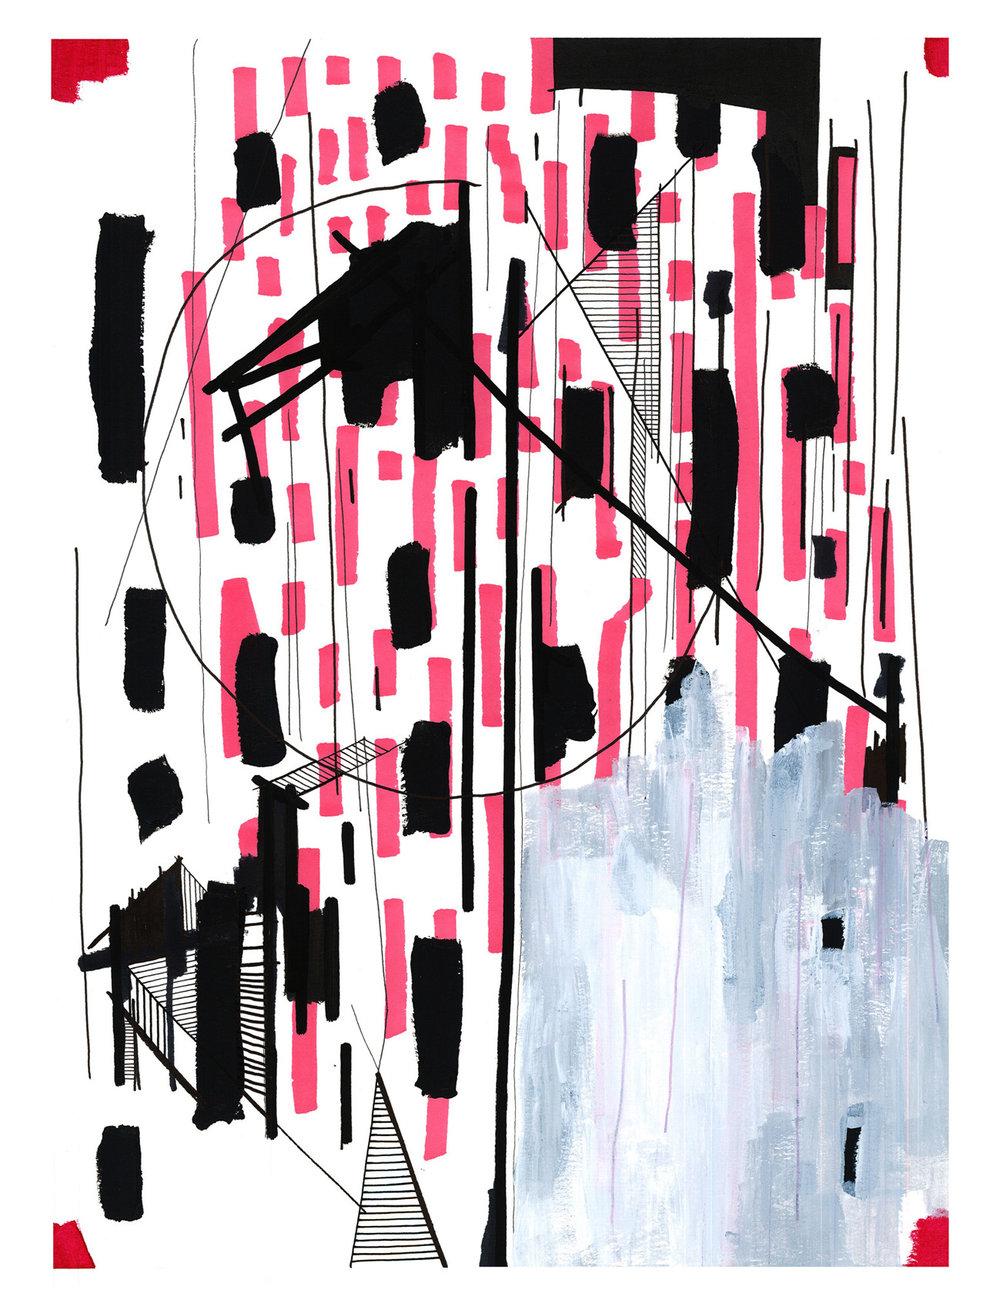 acrilico y tinta sobre papel - 40x30cm - R P L .jpg